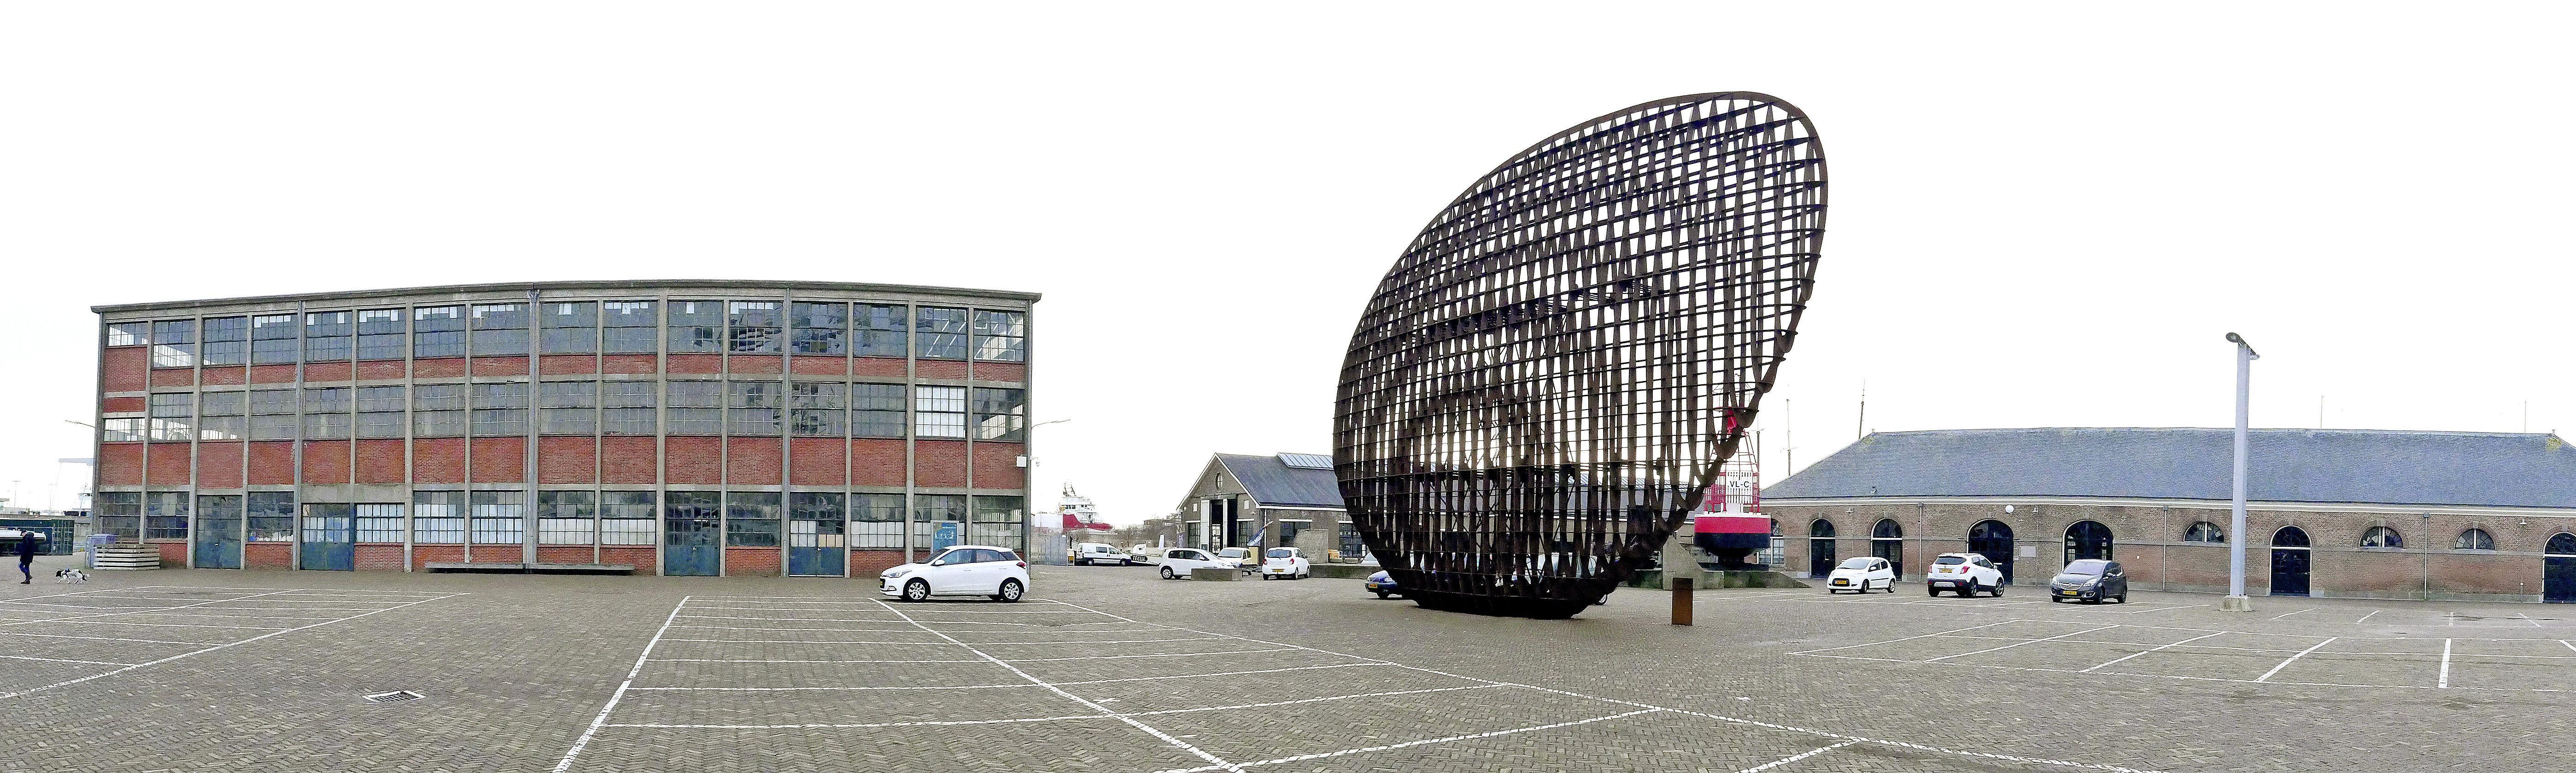 Het stadhuis wordt linksom of rechtsom weer een verkiezingsthema in Den Helder | Analyse